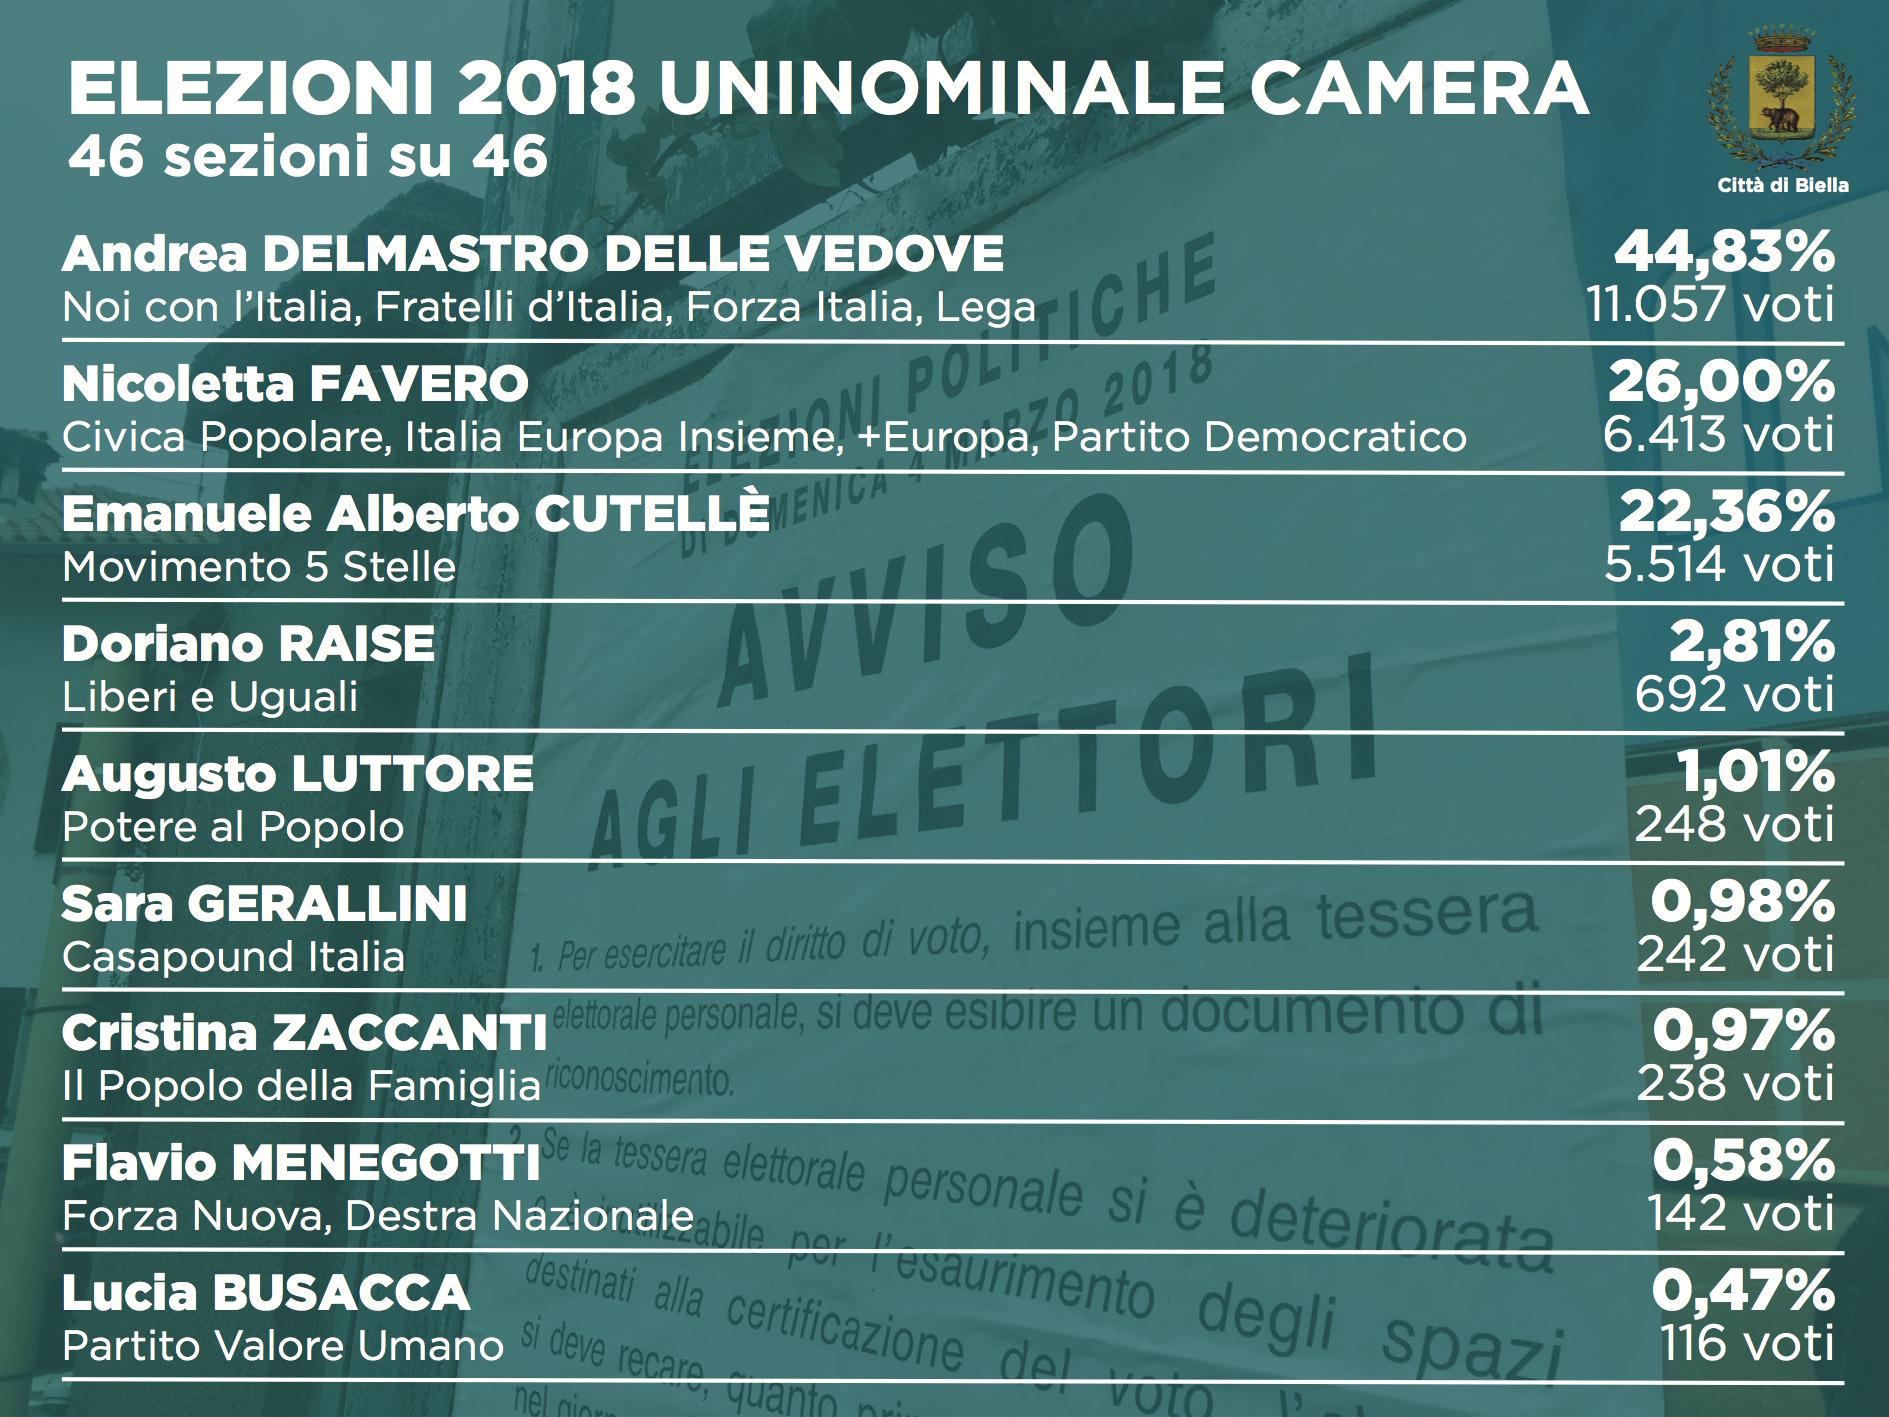 Elezioni 2018: i dati definitivi dell'uninominale alla Camera